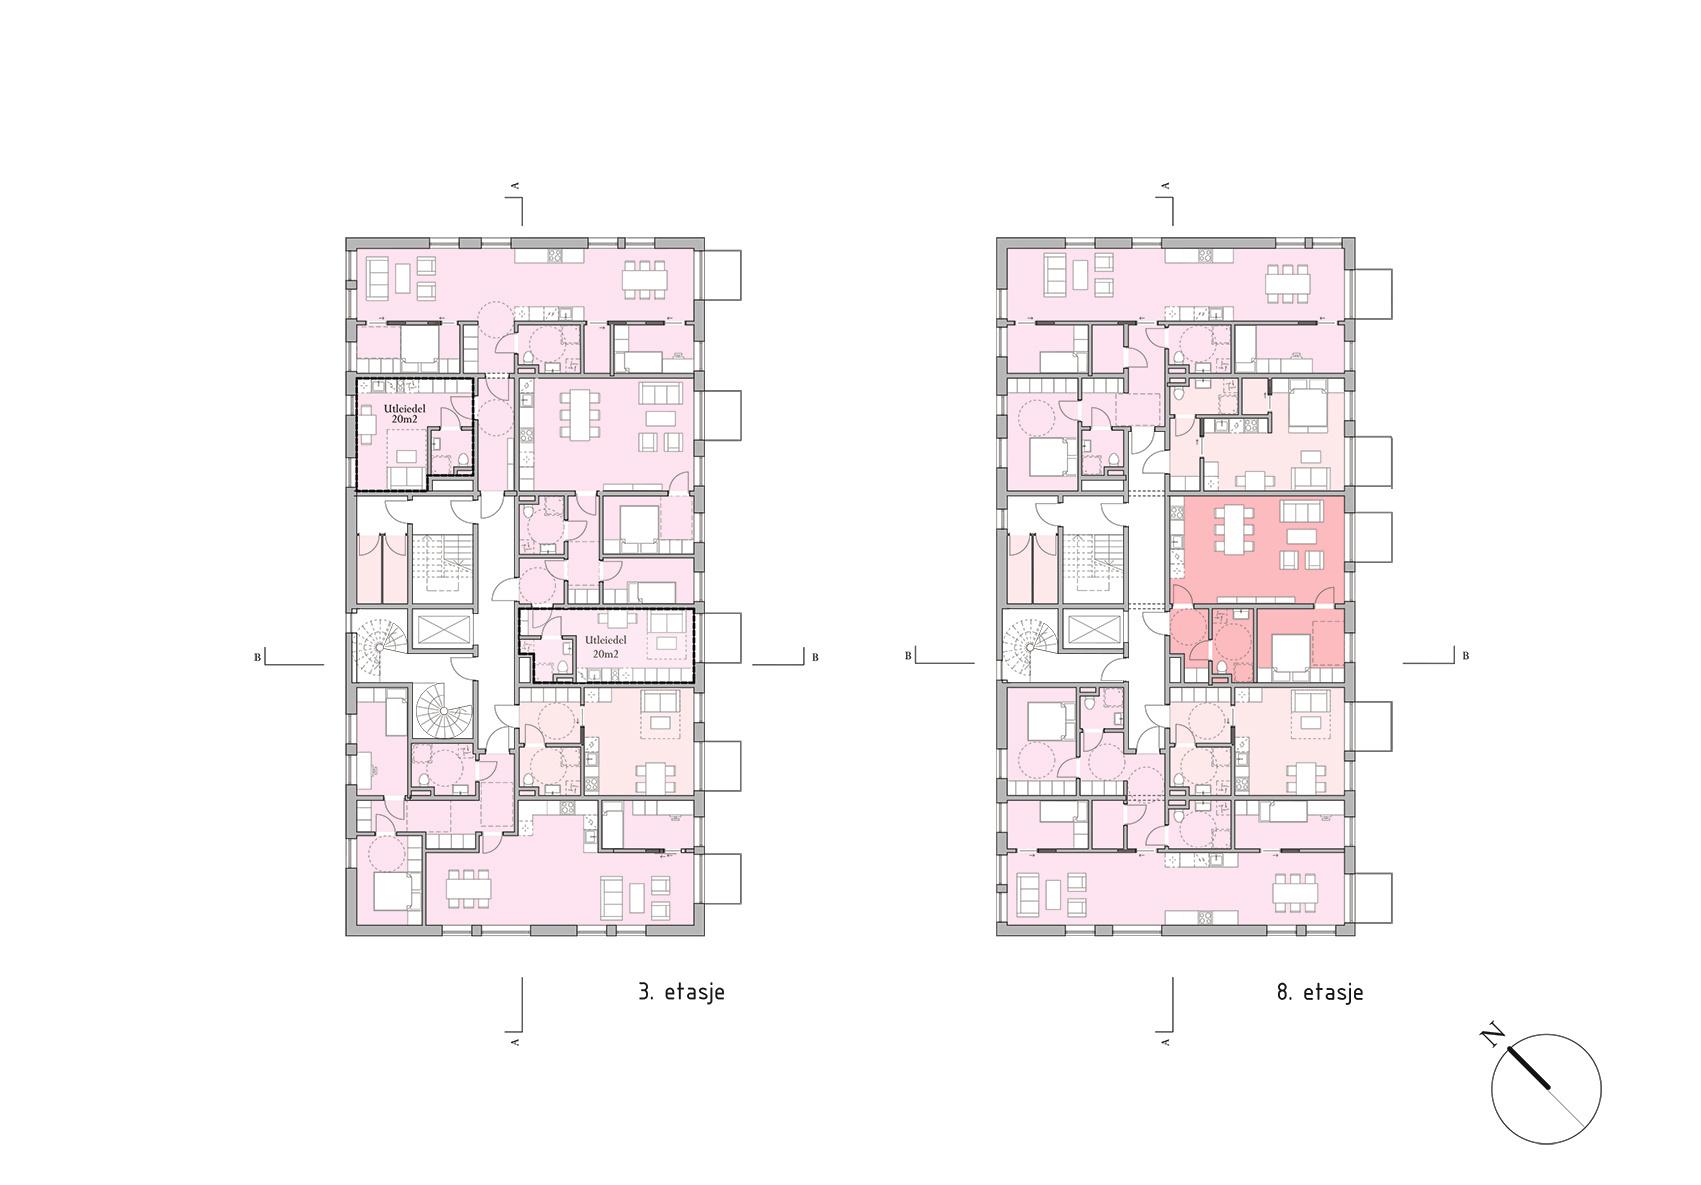 Plan 03 og 08